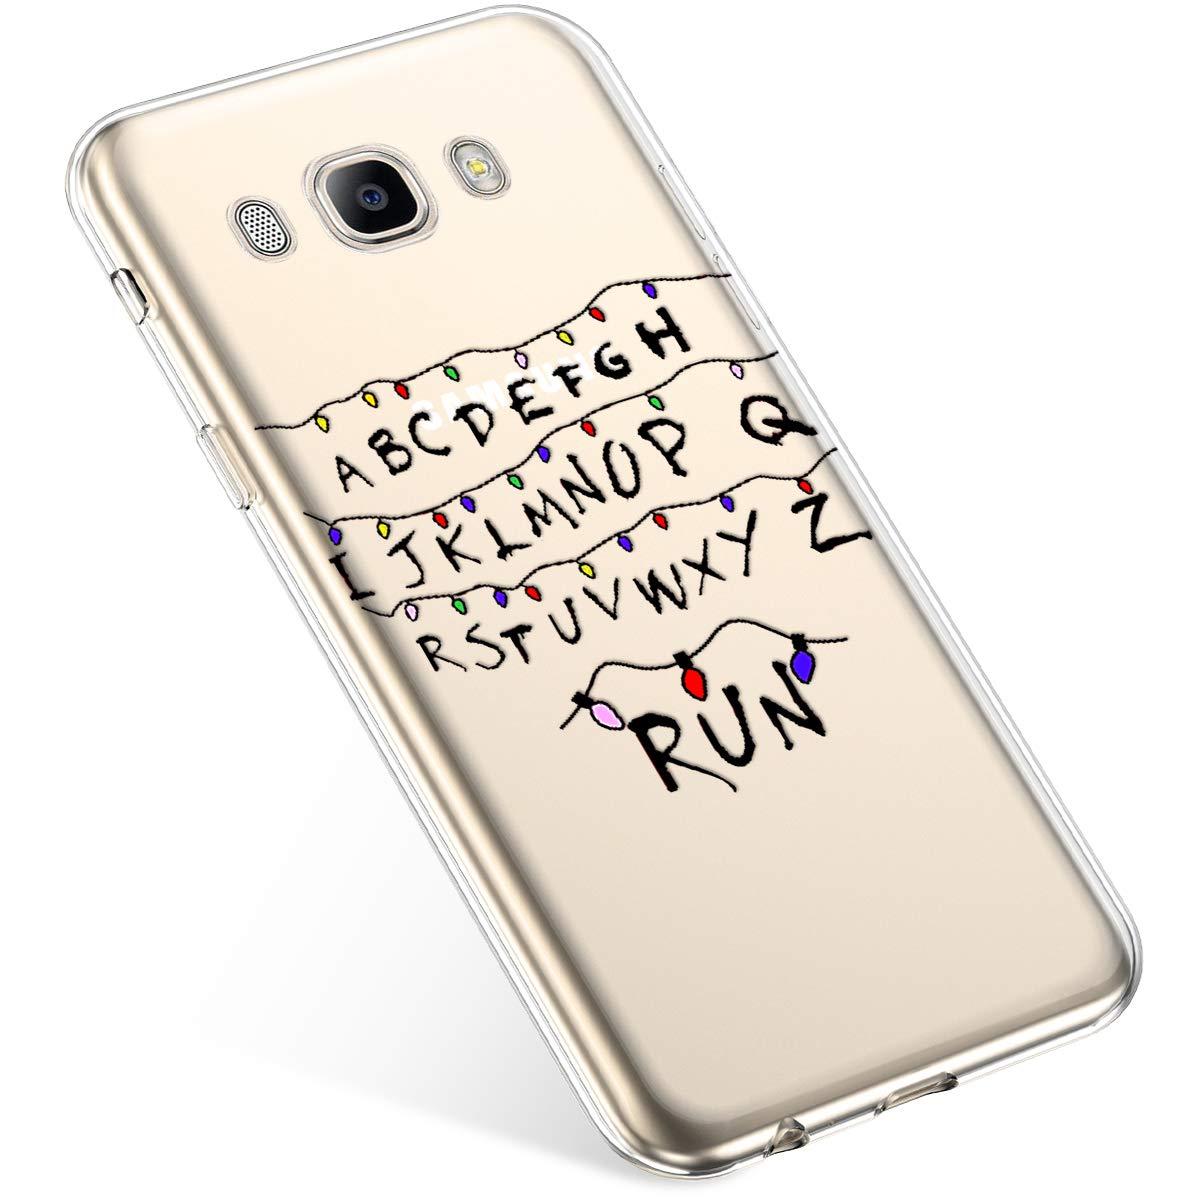 Uposao Coque pour Samsung Galaxy J5 2016 Etui Silicone TPU Souple Transparente Coque Noë l Cerf Flocon de Neige pè re noë l Sapin de Noë l Elk Christmas Motif Ultra Mince Premium Hybrid Case Coque. PYHT00018744